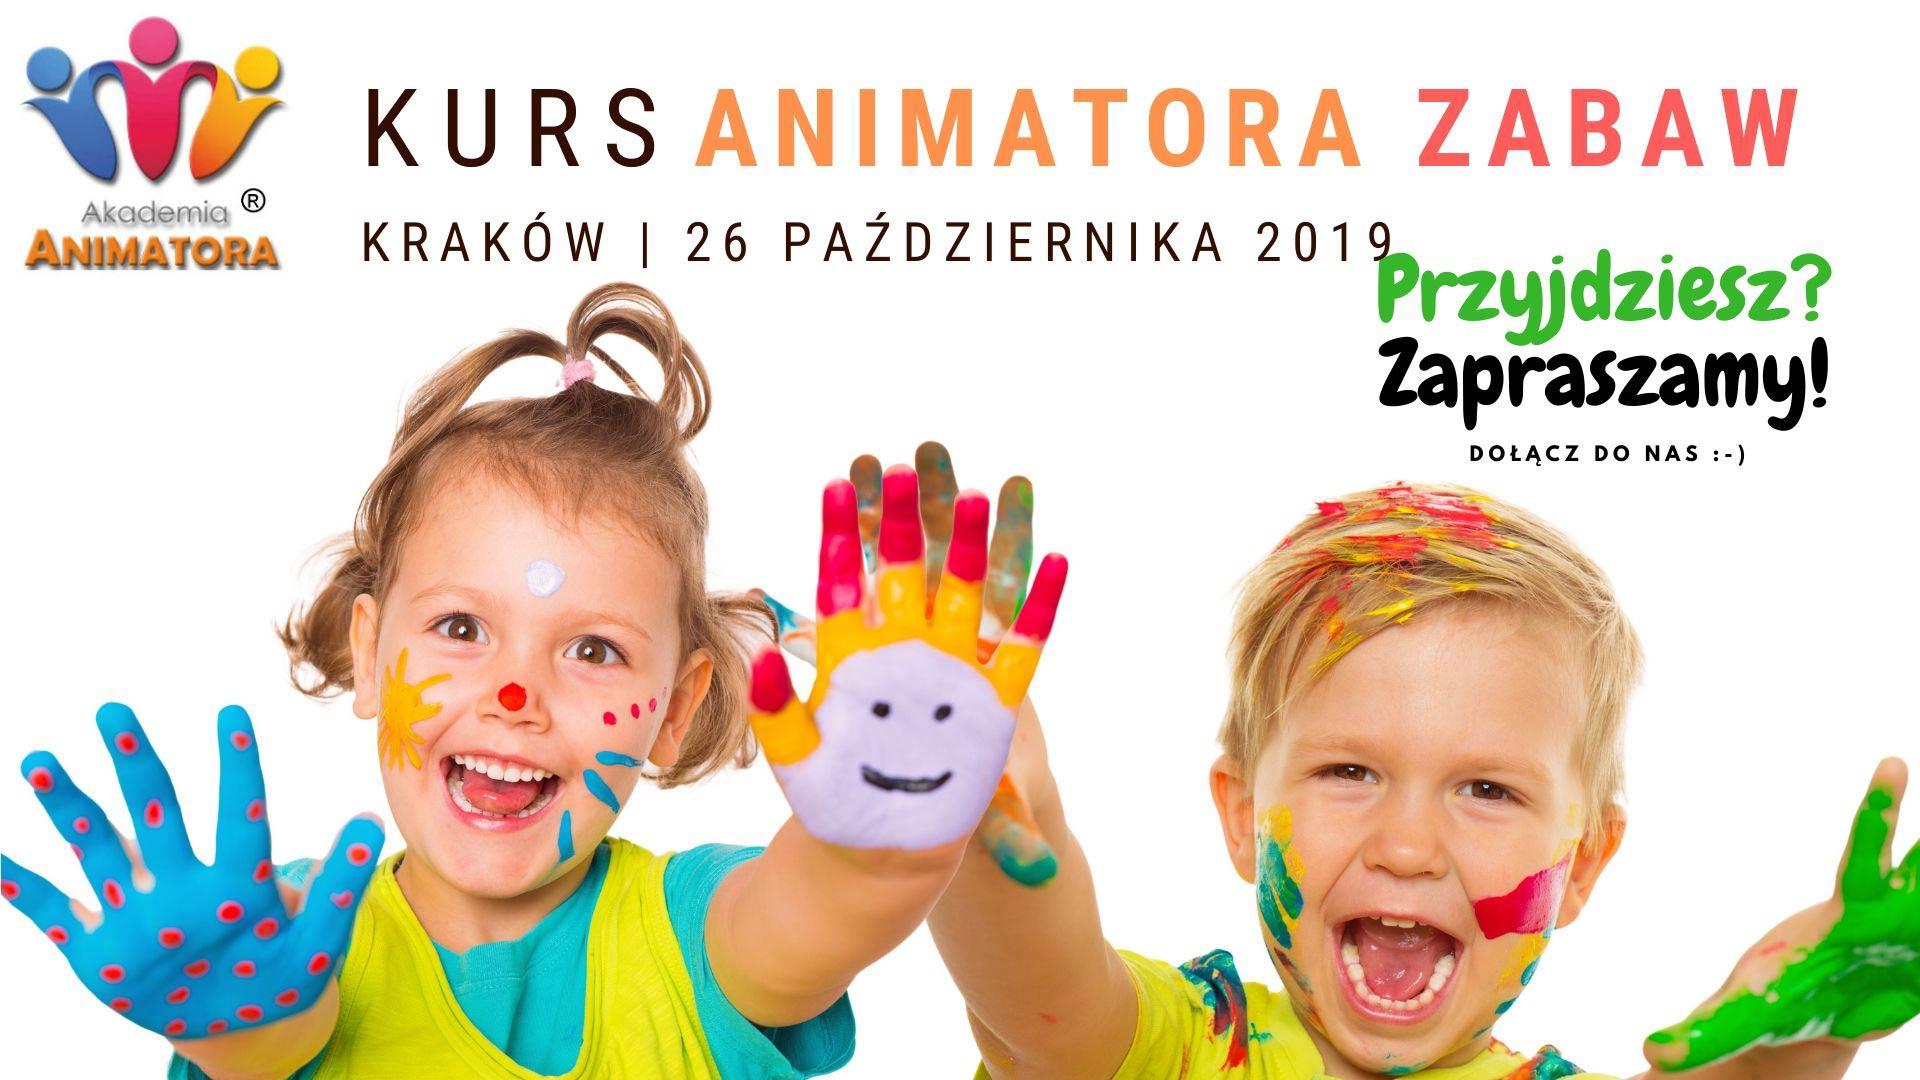 Kurs Animatora Kraków